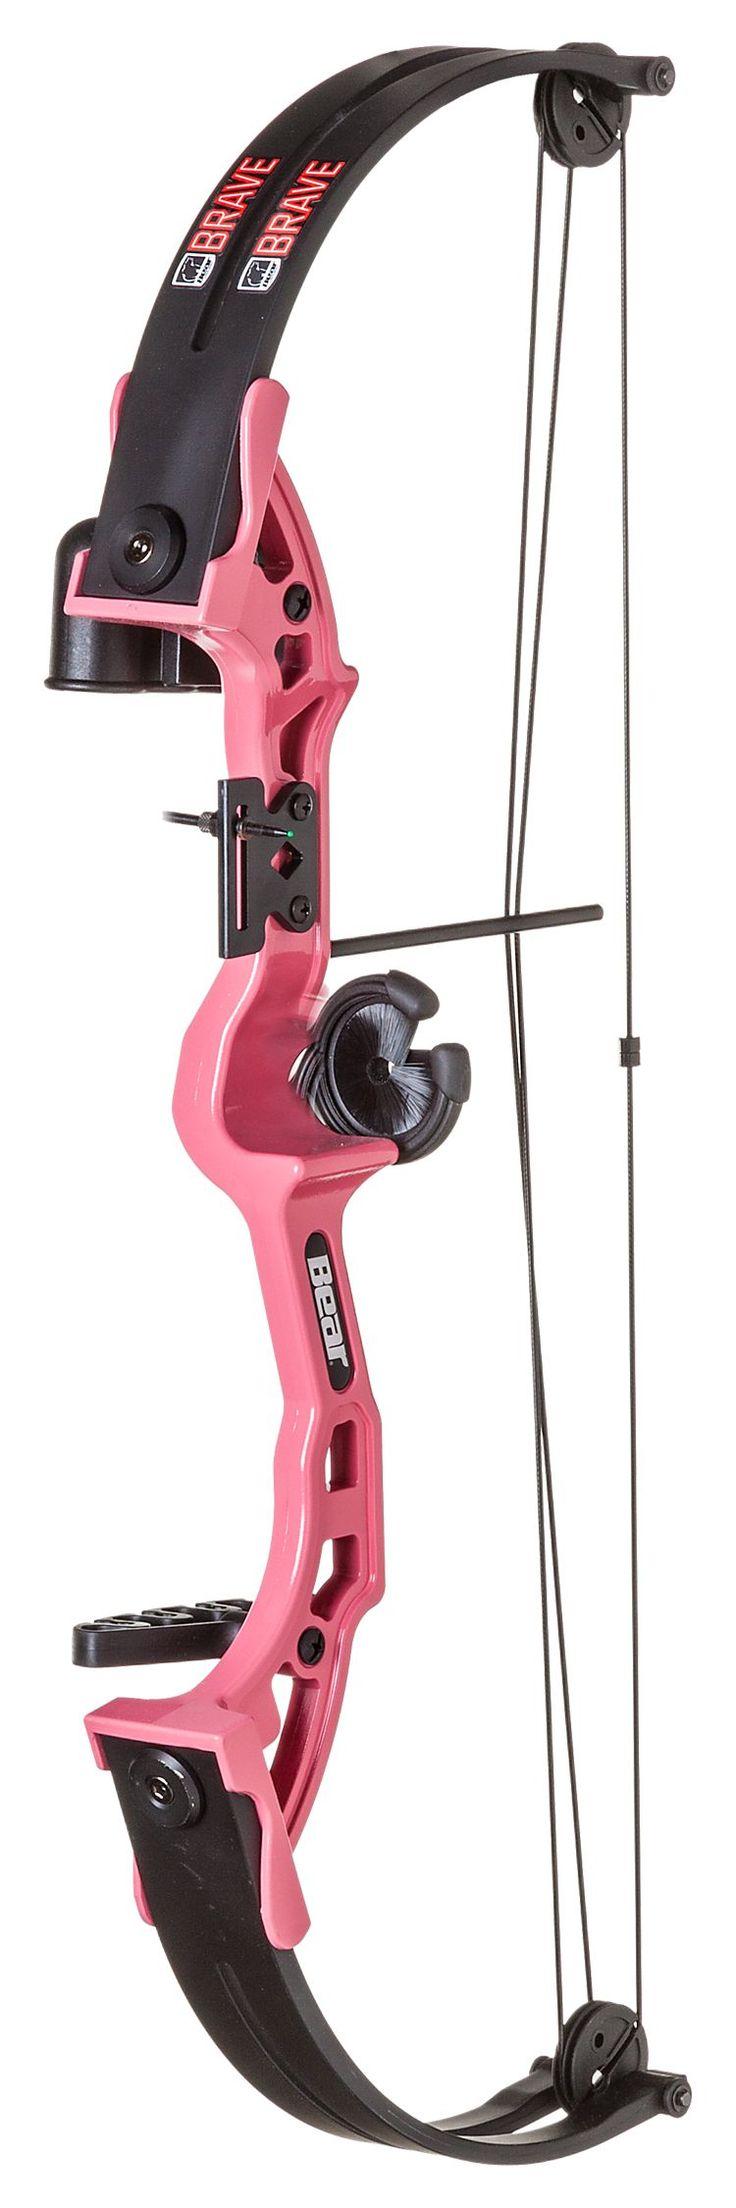 Bear Archery Brave Youth Bow Set | Bass Pro Shops